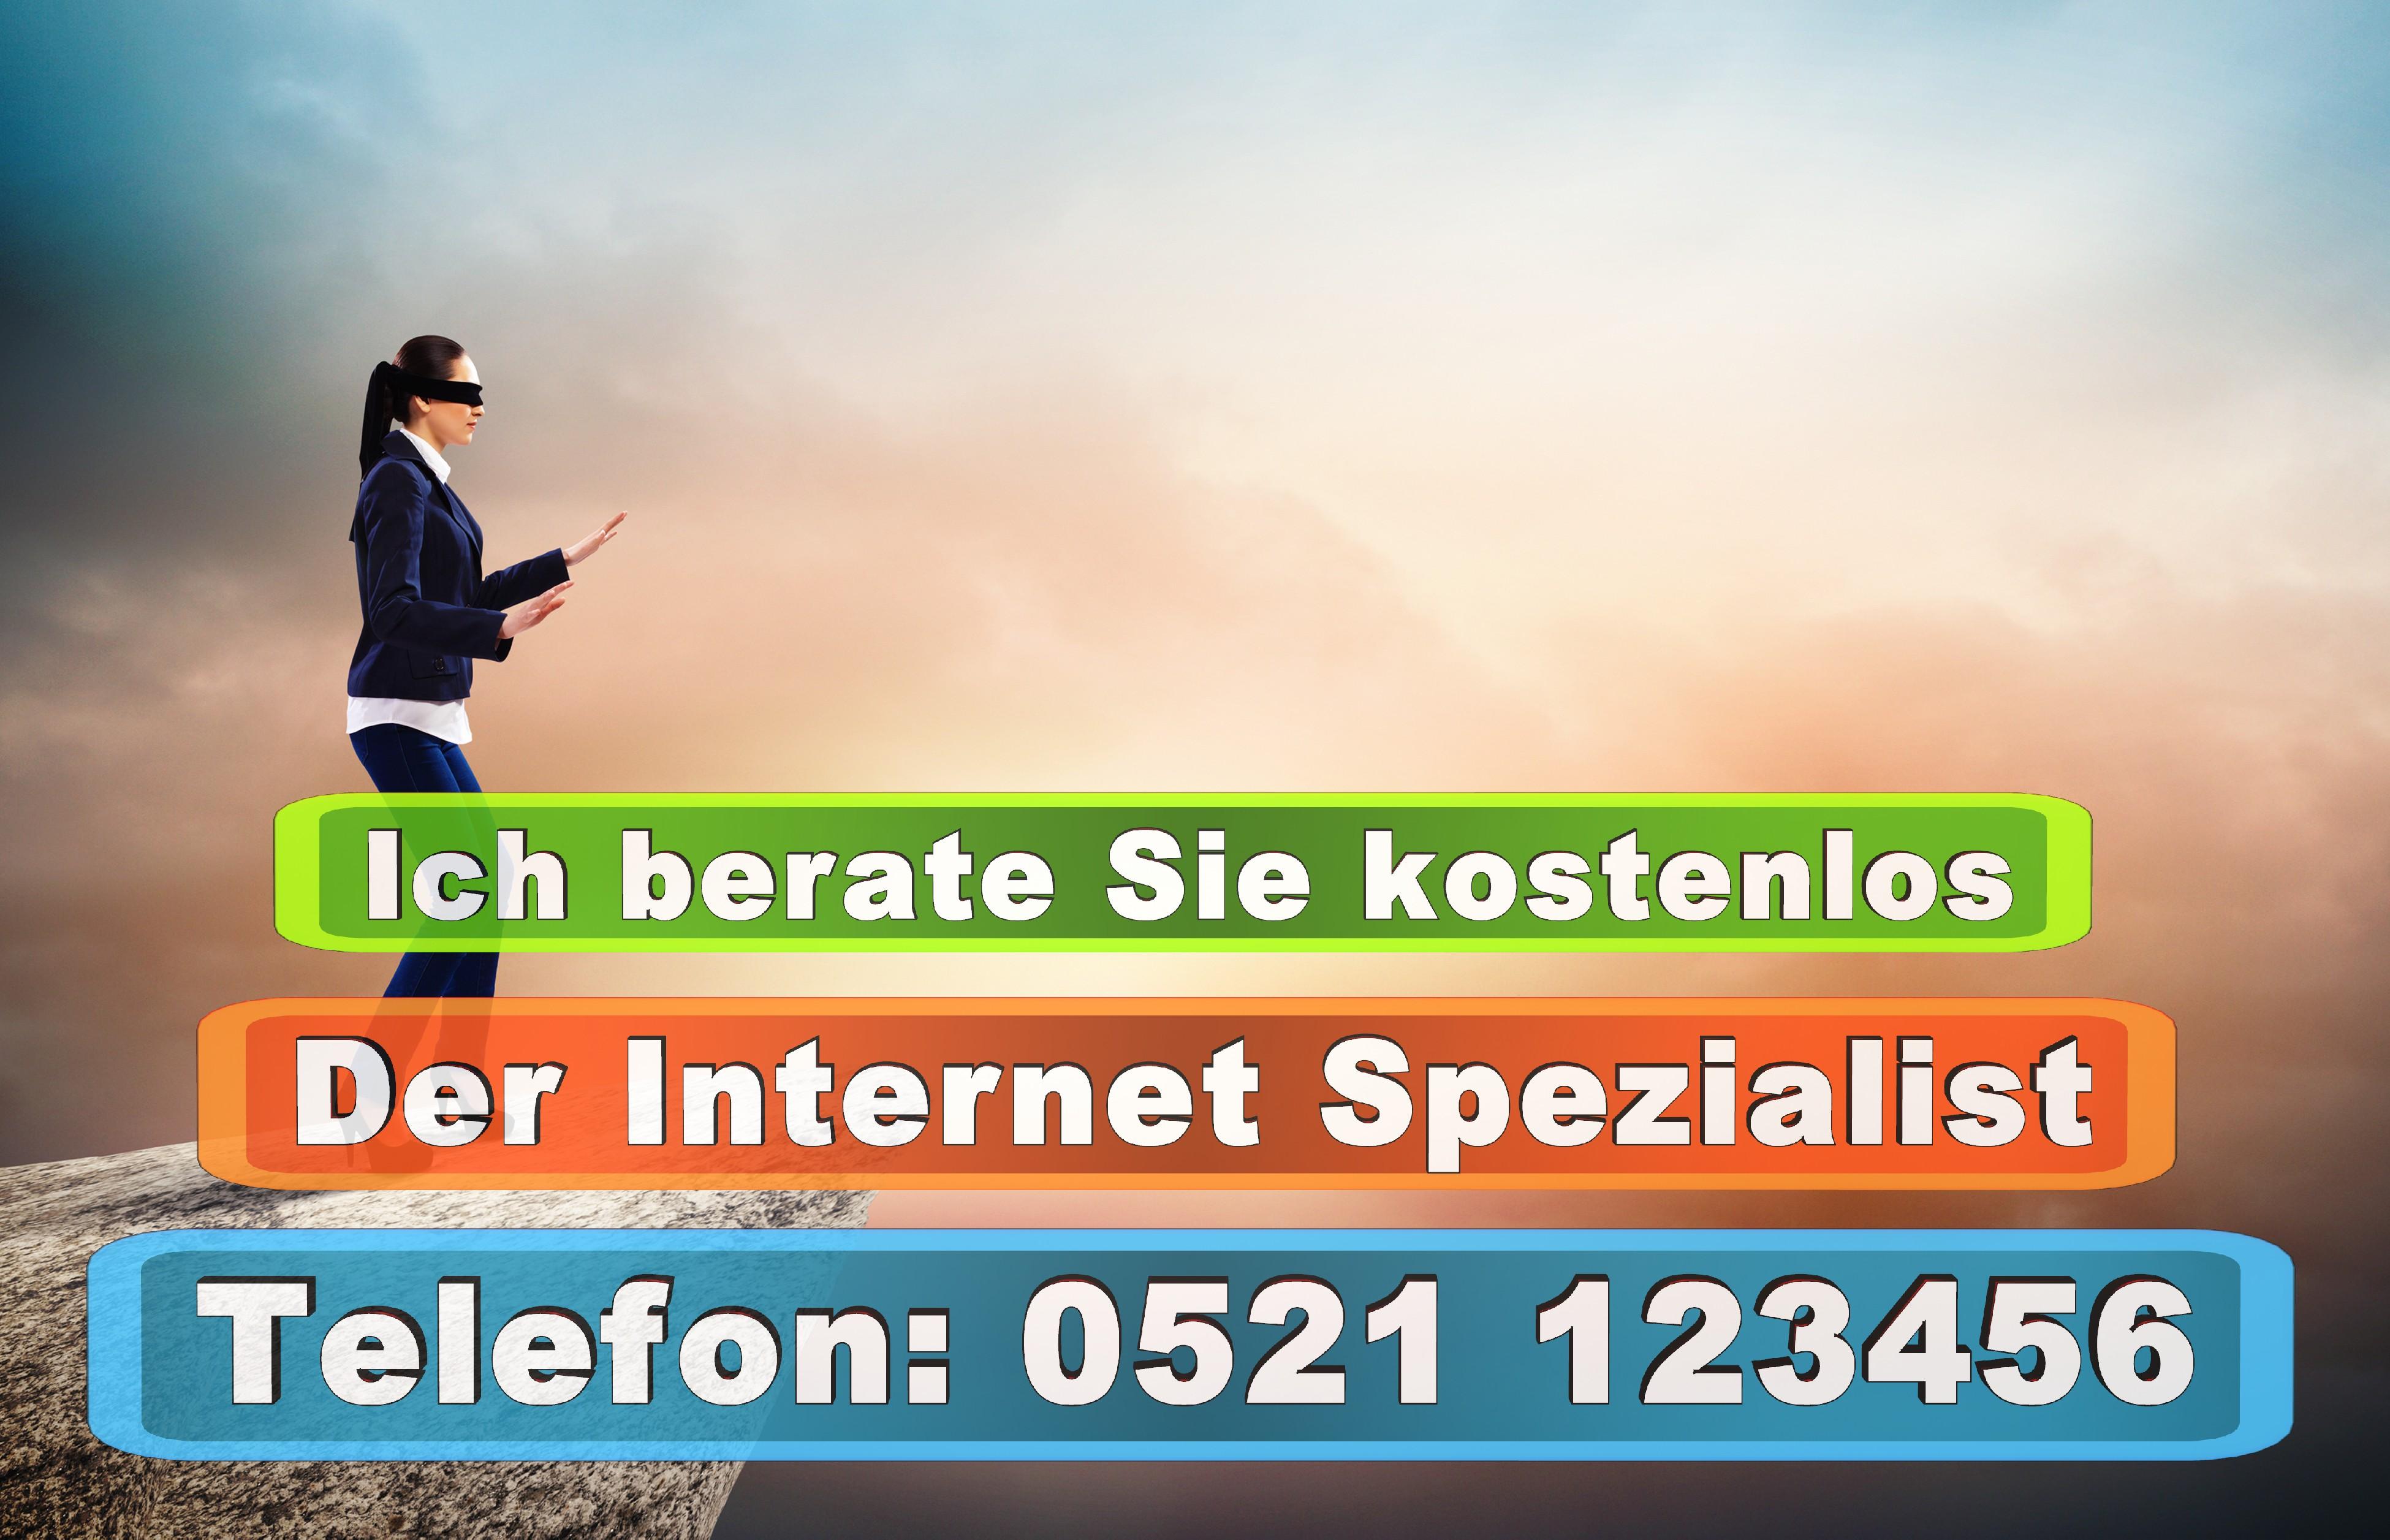 Bielefeld Werbeagenturen Druckereien Werbeplakate Print Druck Internet Computer Grafiker Designer Mode Geschäfte Bekleidung (5)